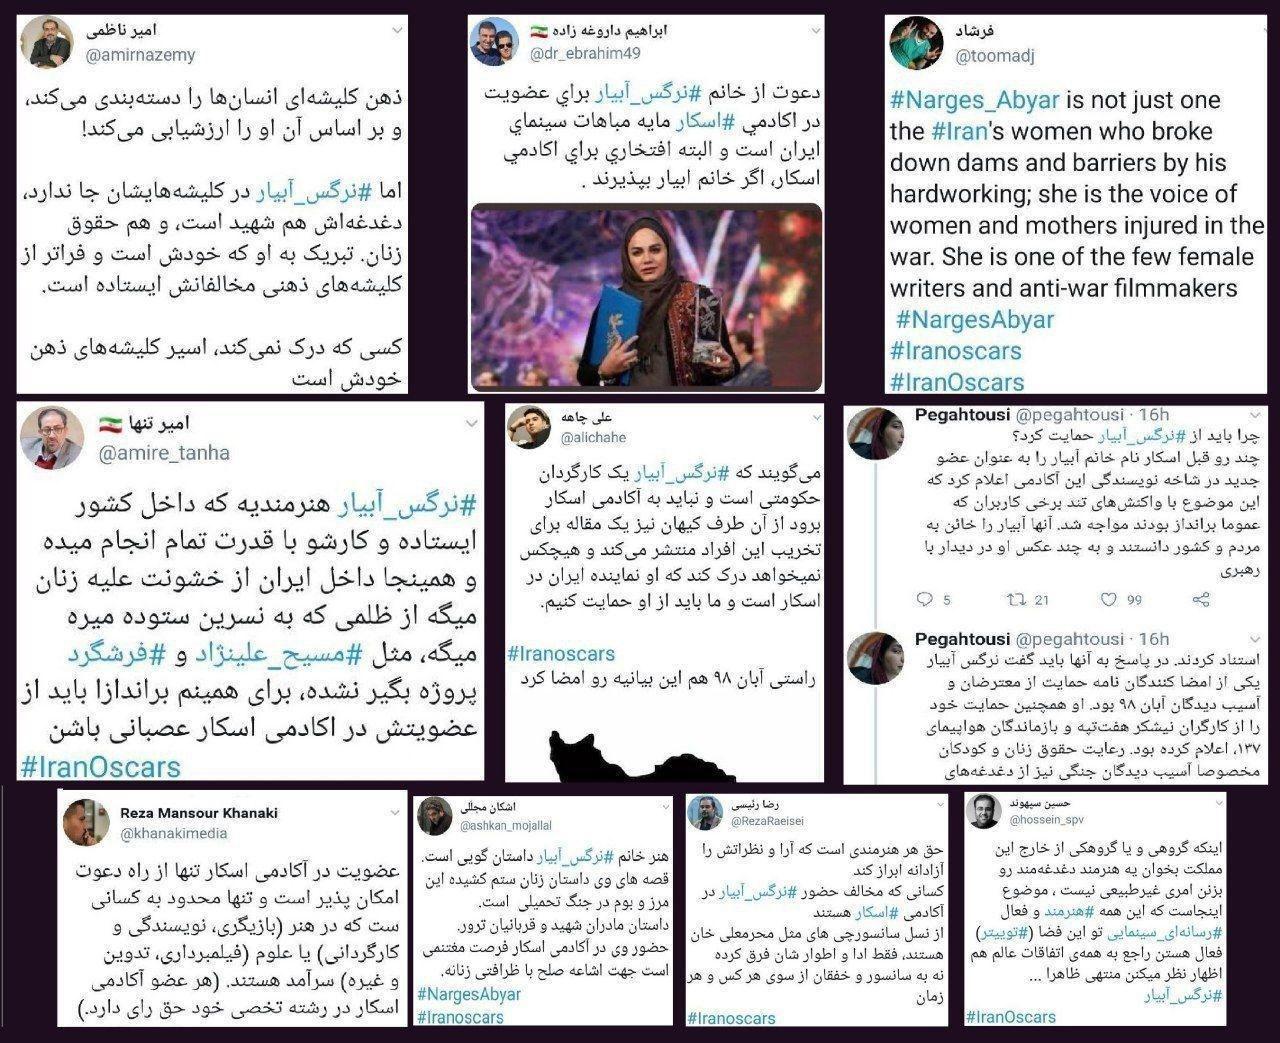 واکنش کاربران شبکه اجتماعی به پروژه لغو عضویت نرگس آبیار در آکادمی اسکار